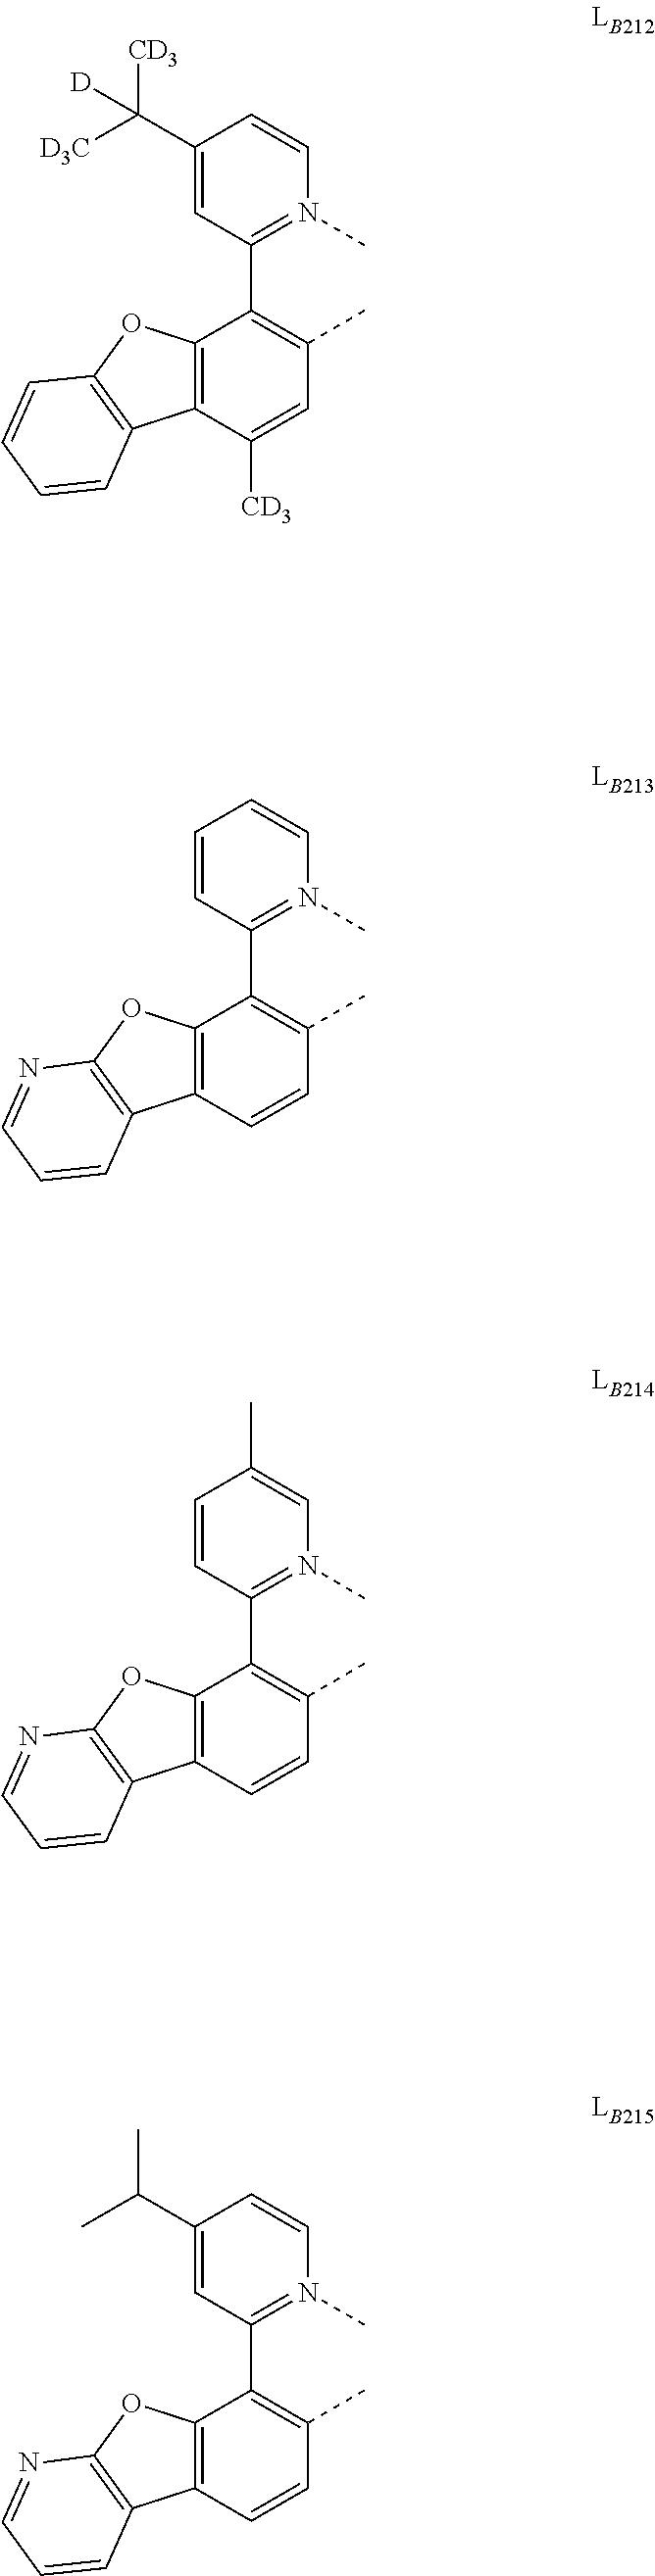 Figure US09929360-20180327-C00084